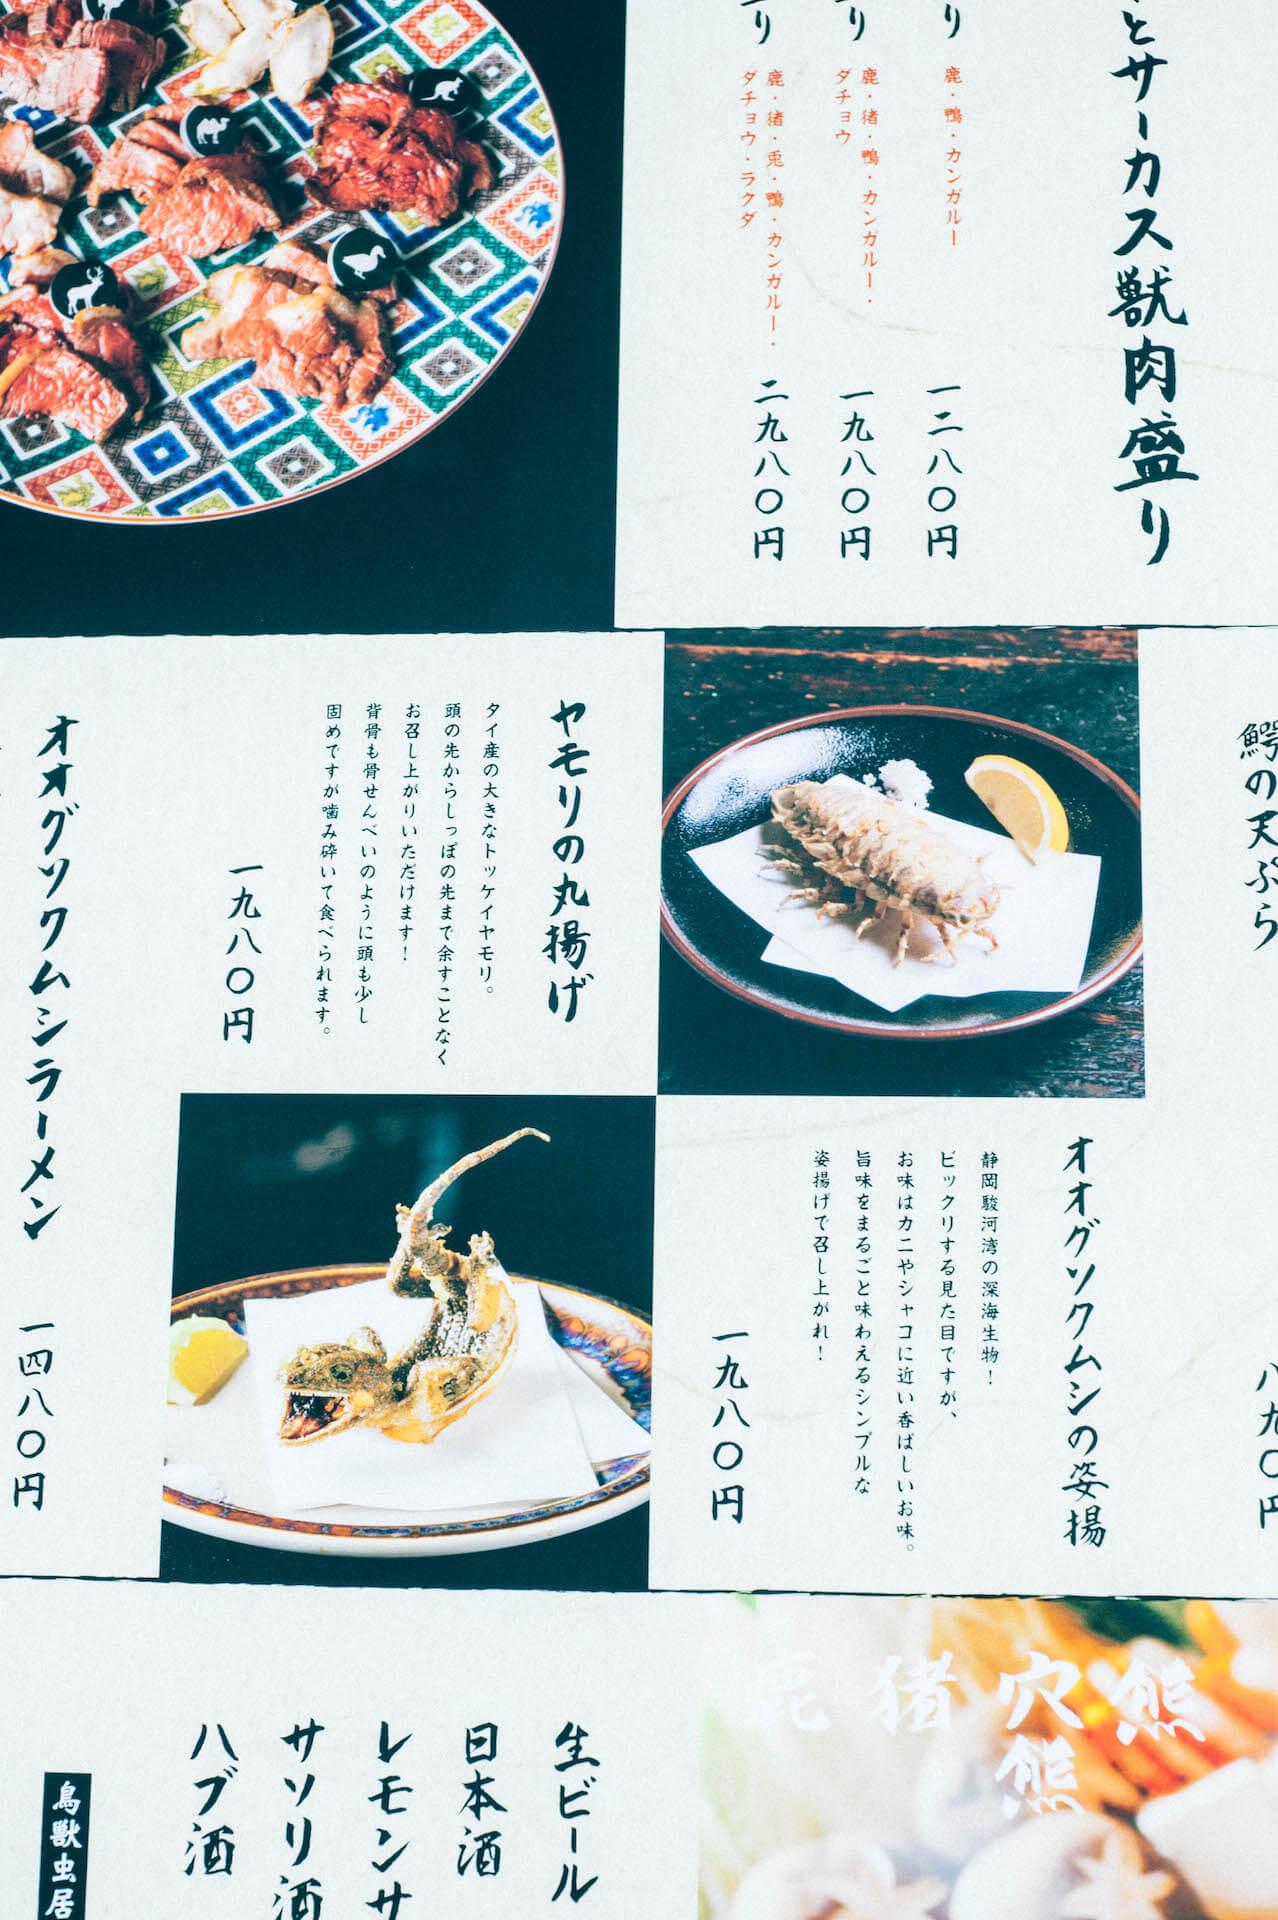 新生渋谷PARCOのカオスなフードエリア「CHAOS KITCHEN」注目の3店舗をピックアップ lfefashion-20191122-parco-8787